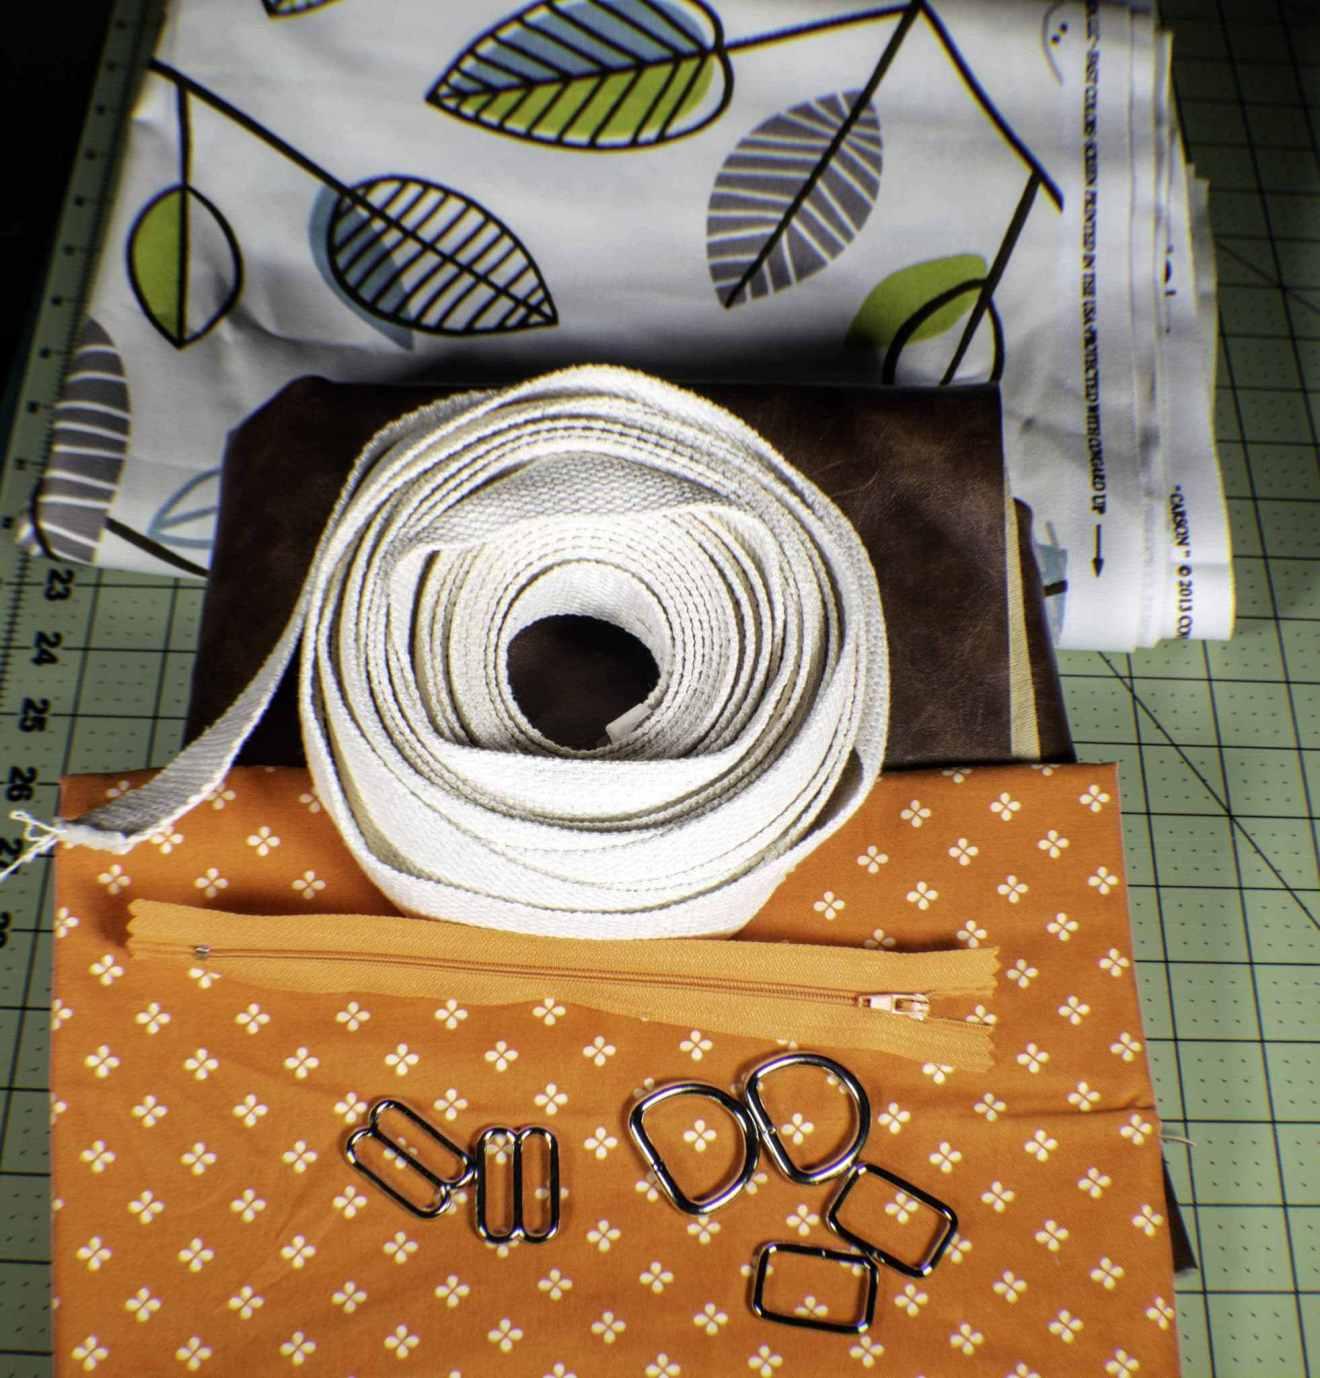 nguyên vật liệu may balo handmade